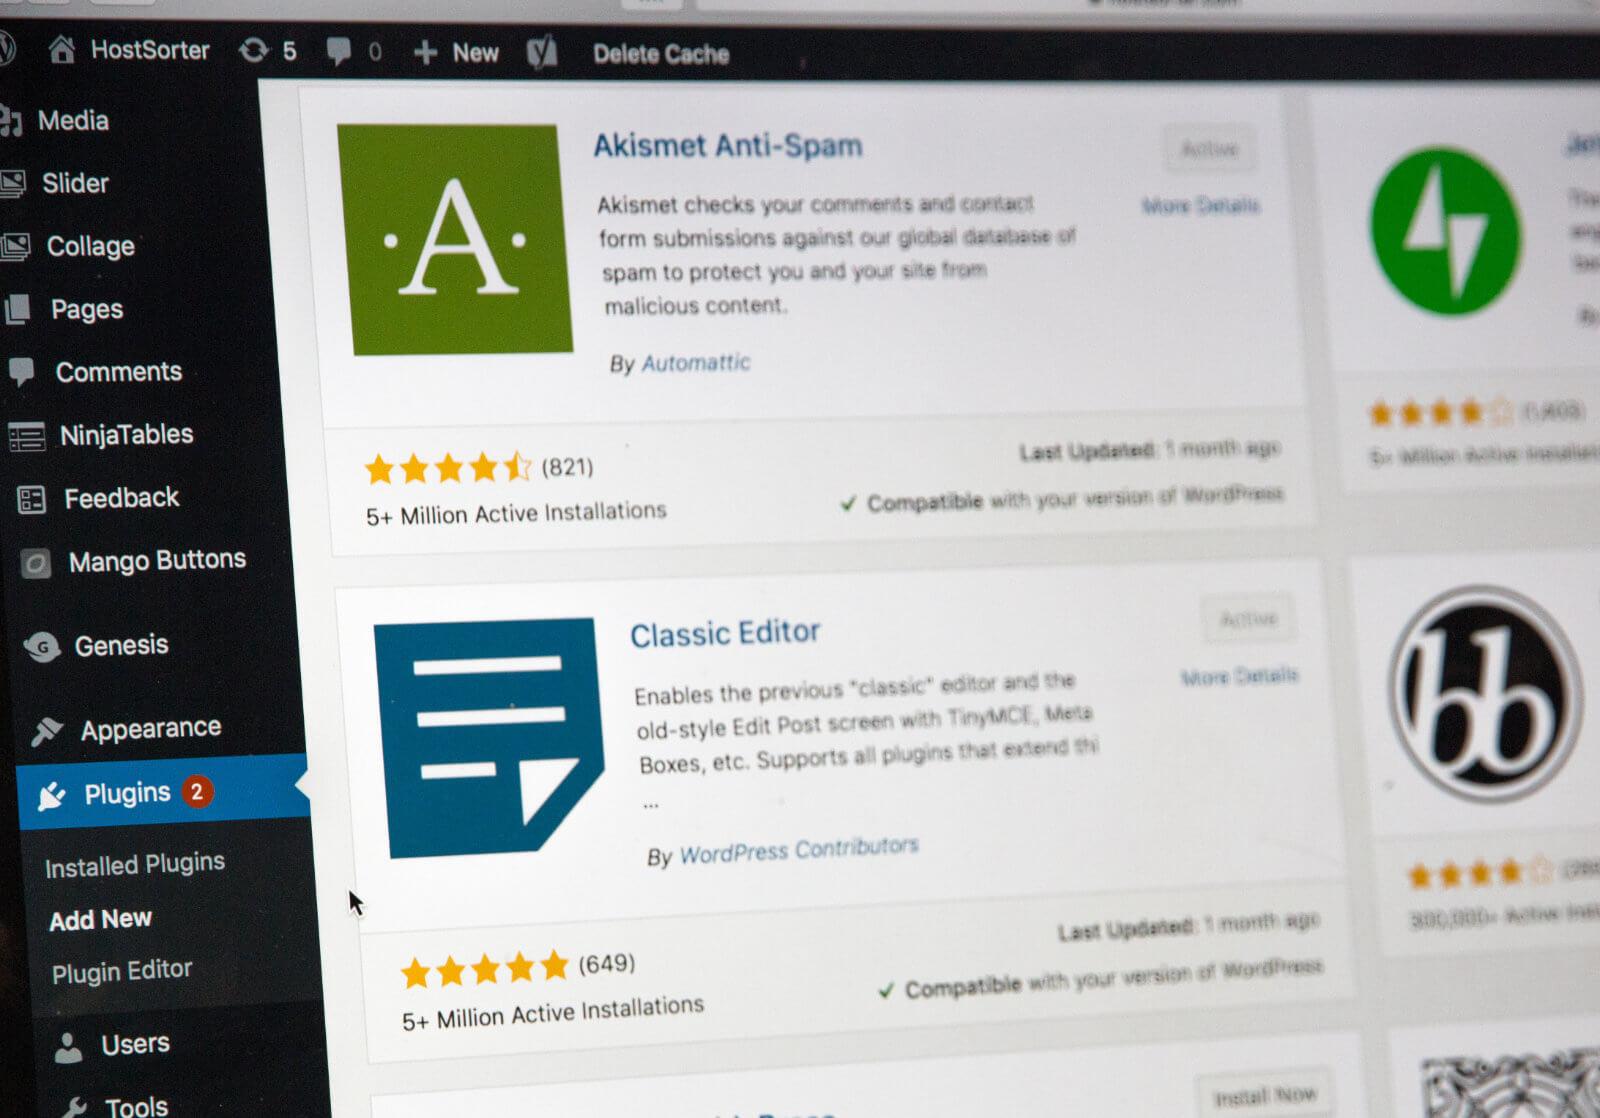 WordPressプラグインのインストール・停止・削除など基本的な使い方